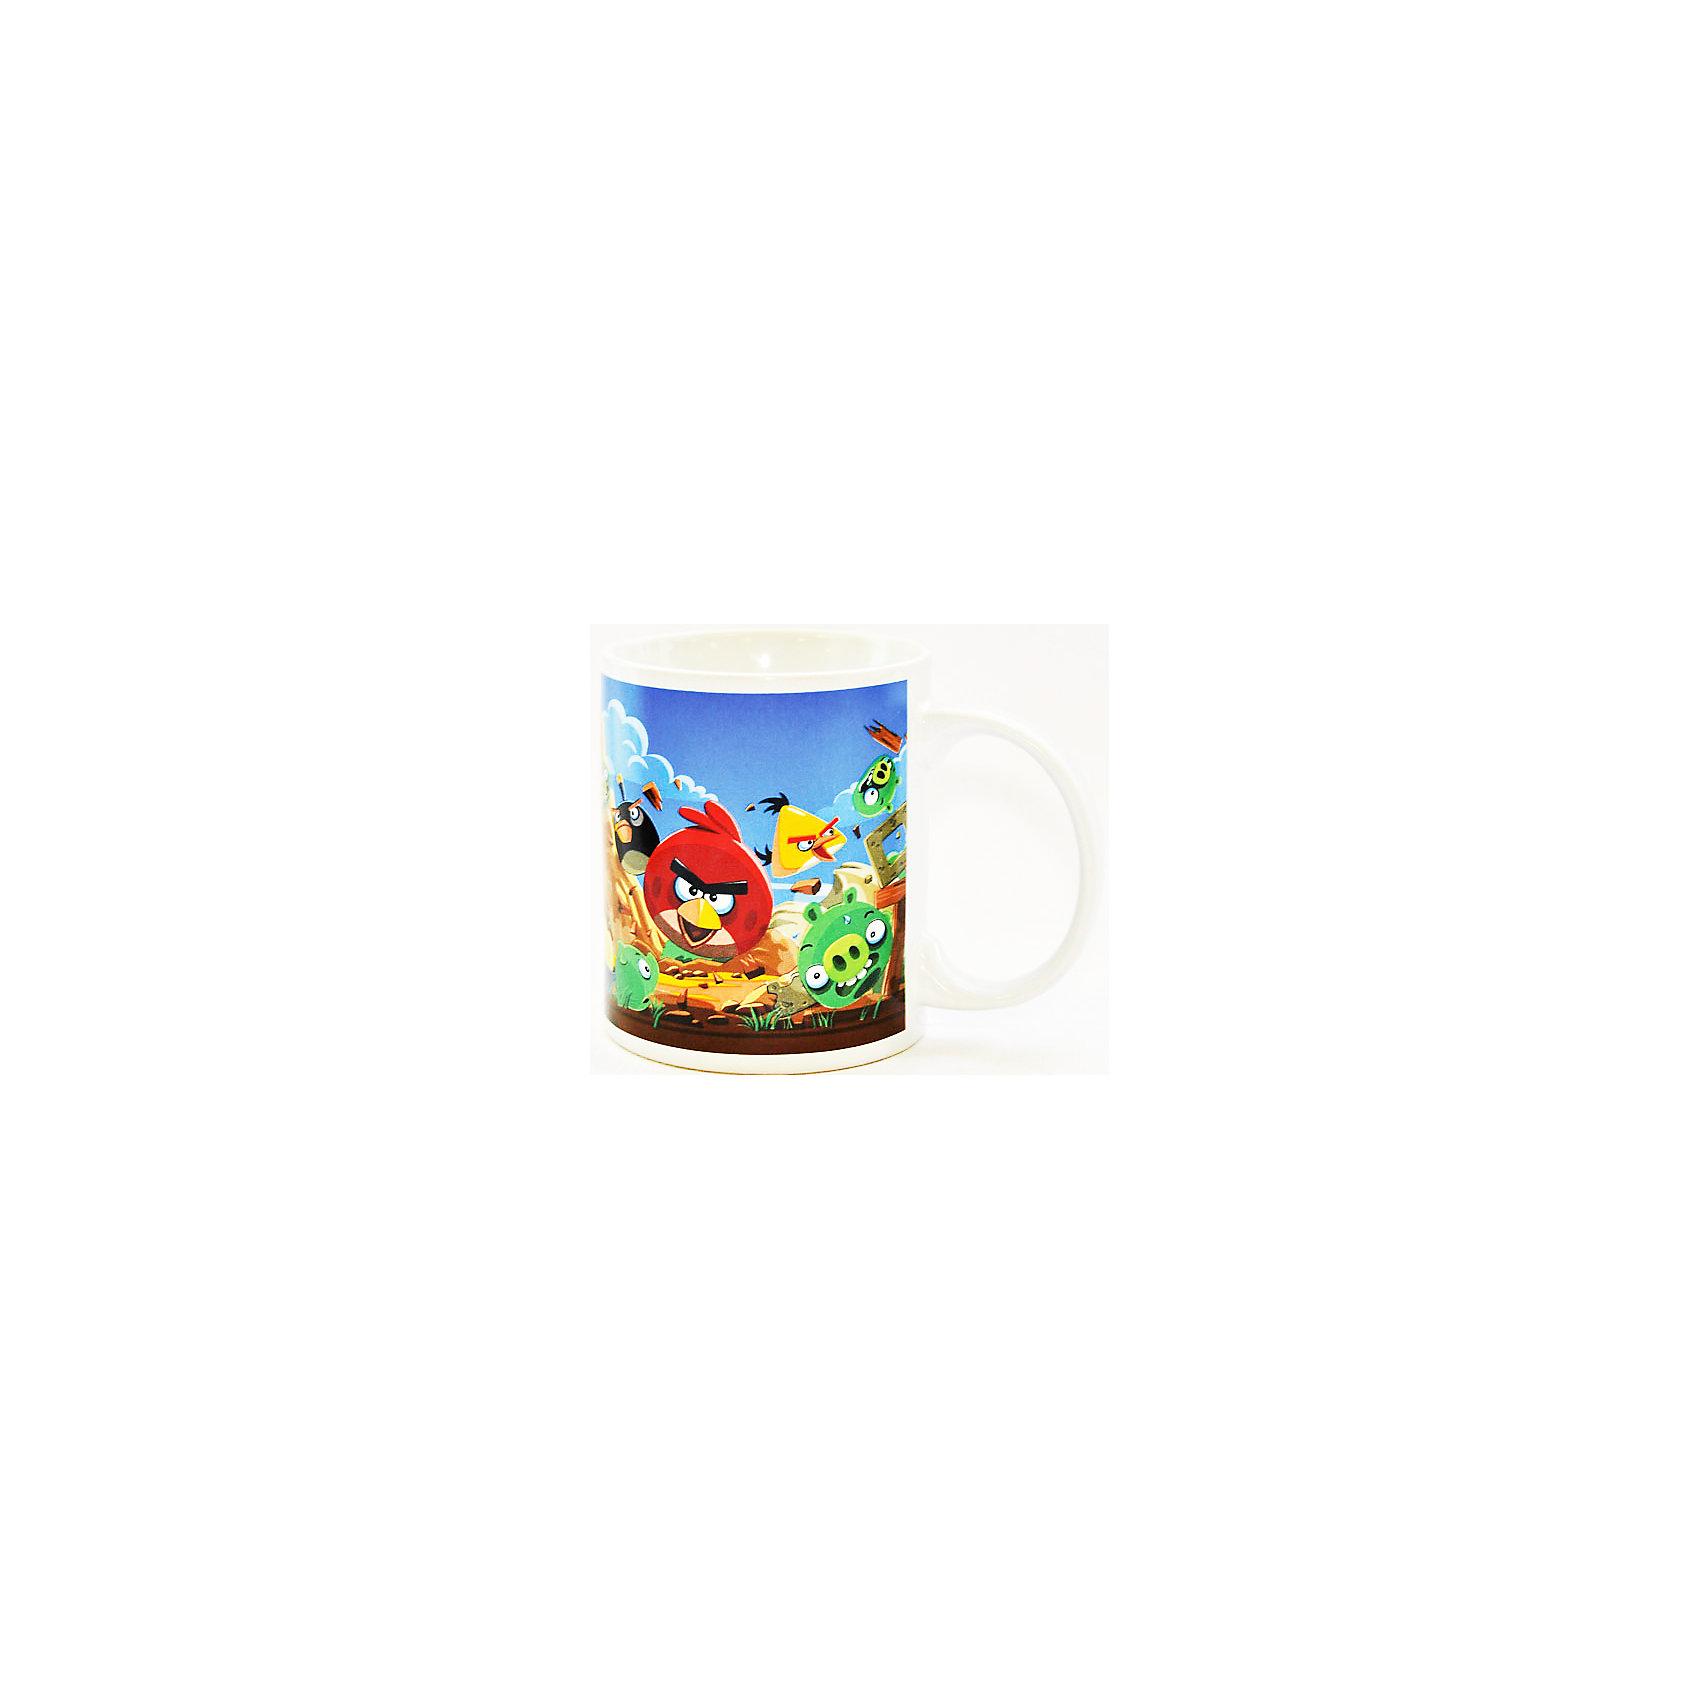 Керамическая кружка Птицы 300 мл, Angry BirdsКерамическая кружка Птицы 300 мл, Angry Birds - эта оригинальная кружка станет приятным сюрпризом для Вашего ребенка.<br>Яркая керамическая кружка с изображением героев популярнейшей игры Angry Birds идеально подойдет для повседневного использования. Кружка выполнена из износостойкой керамики, не впитывает запахи, не выделяет вредных веществ и проста в уходе. Она пригодна для мытья в посудомоечной машине и использования в микроволновой печи.<br><br>Дополнительная информация:<br><br>- Материал: керамика<br>- Объем: 300 мл.<br>- Высота: 9,5 см.<br>- Диаметр: 8 см.<br><br>Керамическую кружку Птицы 300 мл, Angry Birds можно купить в нашем интернет-магазине.<br><br>Ширина мм: 120<br>Глубина мм: 90<br>Высота мм: 100<br>Вес г: 350<br>Возраст от месяцев: 36<br>Возраст до месяцев: 144<br>Пол: Унисекс<br>Возраст: Детский<br>SKU: 4603853